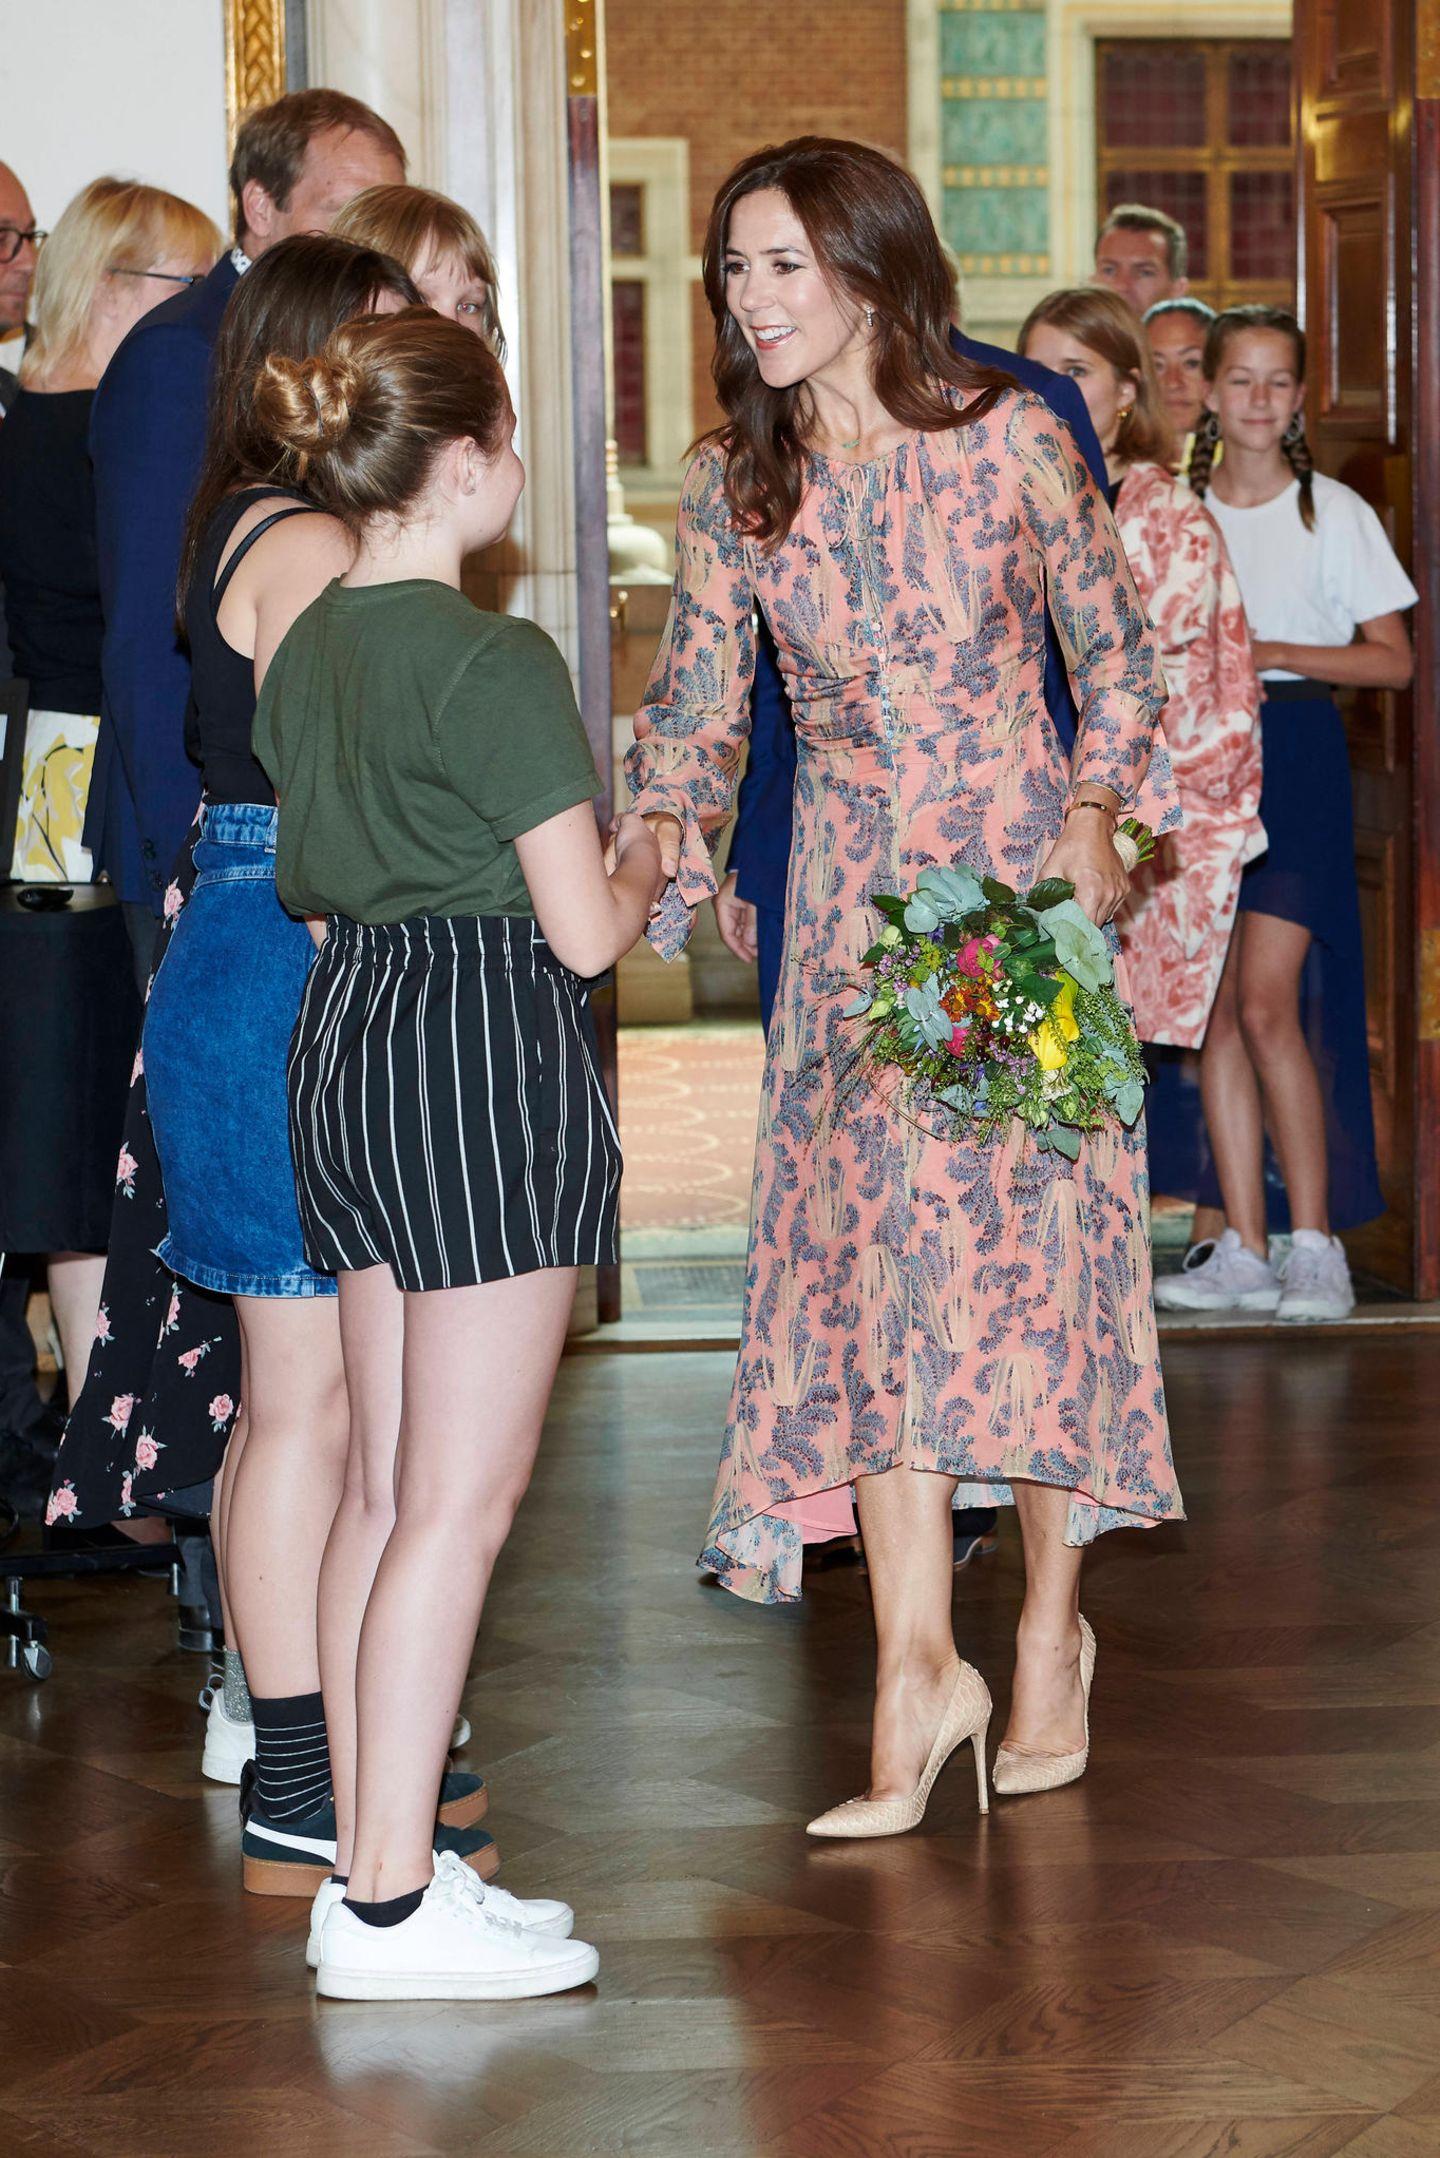 In einem korallfarbenenSeidenkleid aus der Conscious-Kollektion von H&M besucht Prinzessin Mary ein Event in Kopenhagen. Das gemusterte Midi-Dress für rund 179 Euro wird aus Bio-Seide gefertigt und hat eine elegante Raffung mit Drapageeffekt in der Taille. Dazu kombiniert Mary beigefarbene Pumps von Gianvito Rossi und trägt ihre schönen Haare offen. Ein Look, der der Prinzessin so sehr gefällt, dass sie ihn nicht zum ersten Mal trägt ...